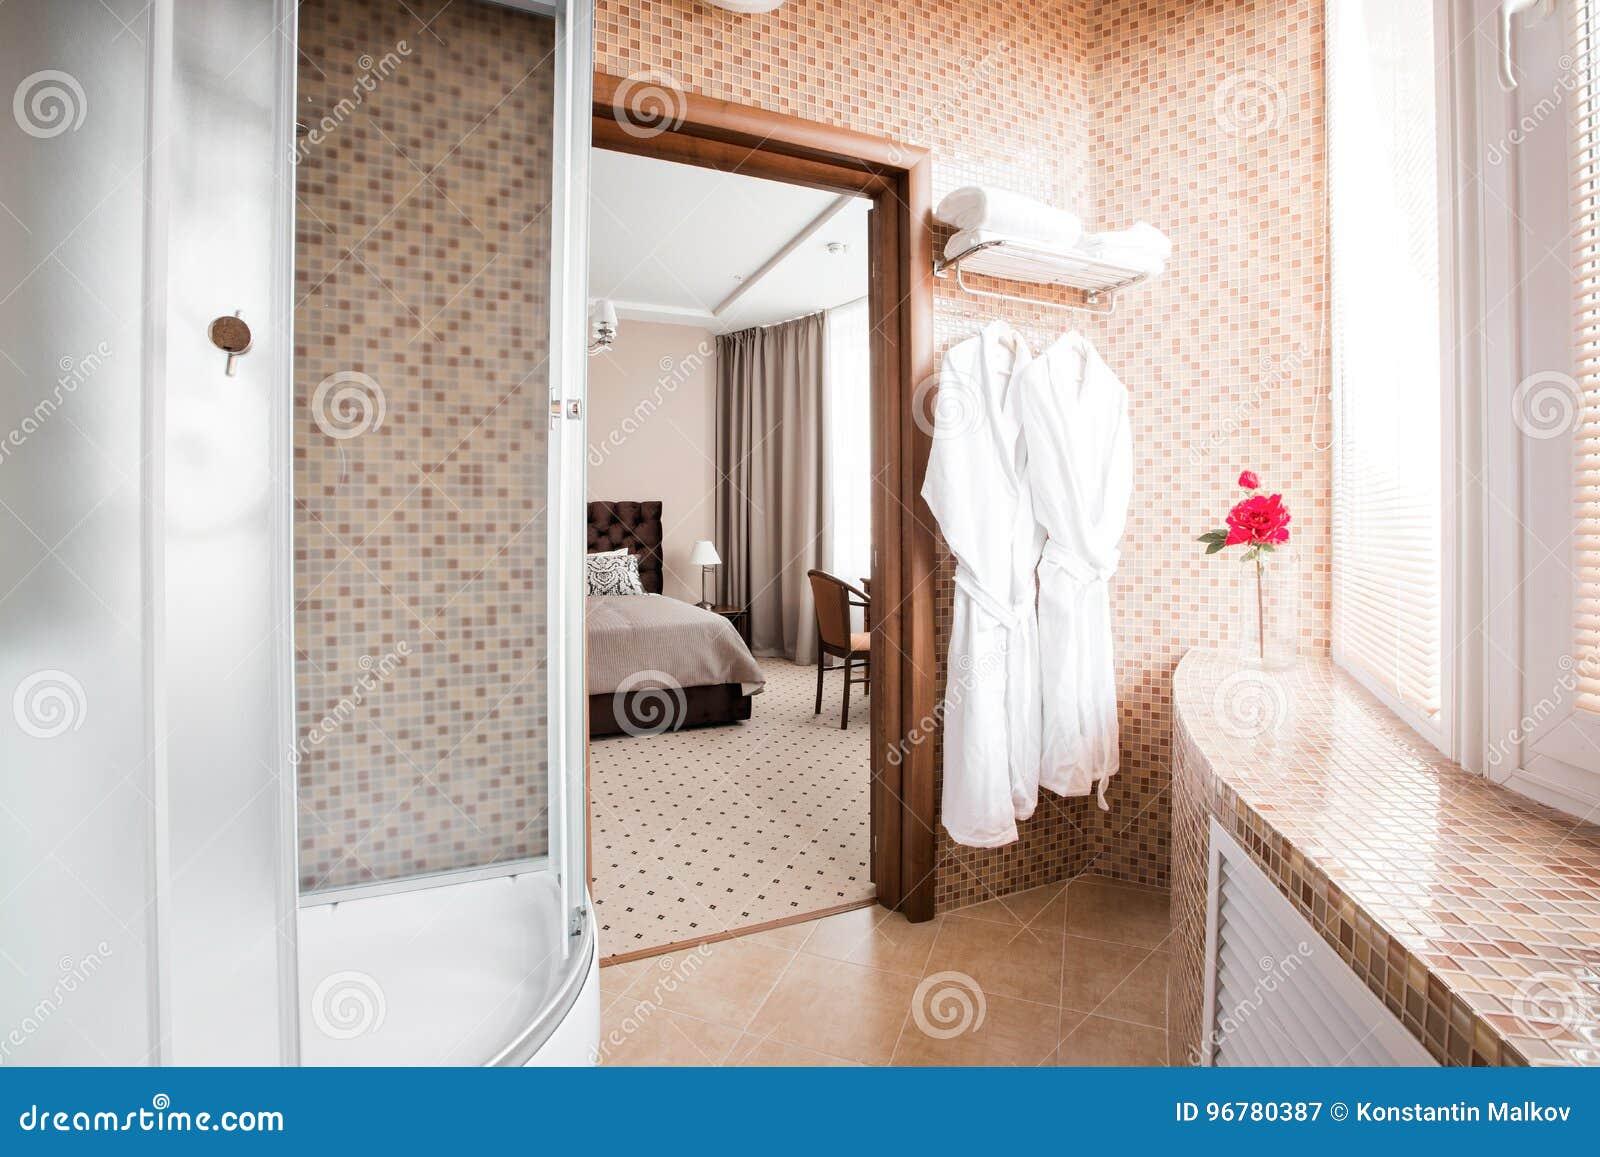 Vetro dello schermo doccia su vasca da bagno in una moderna stanza